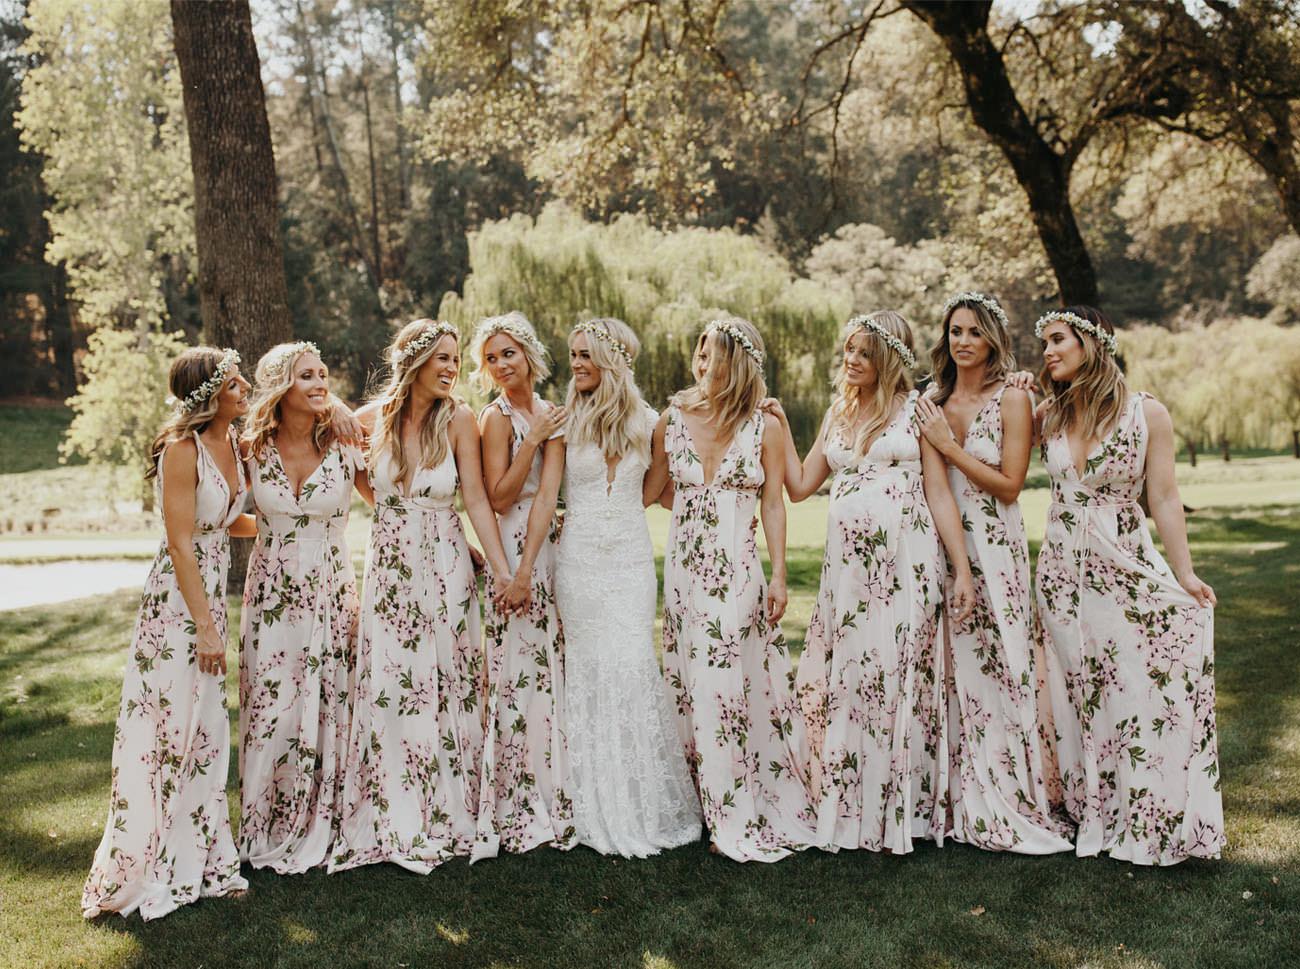 madrinhas-casamento-fazenda-vestido-estampado